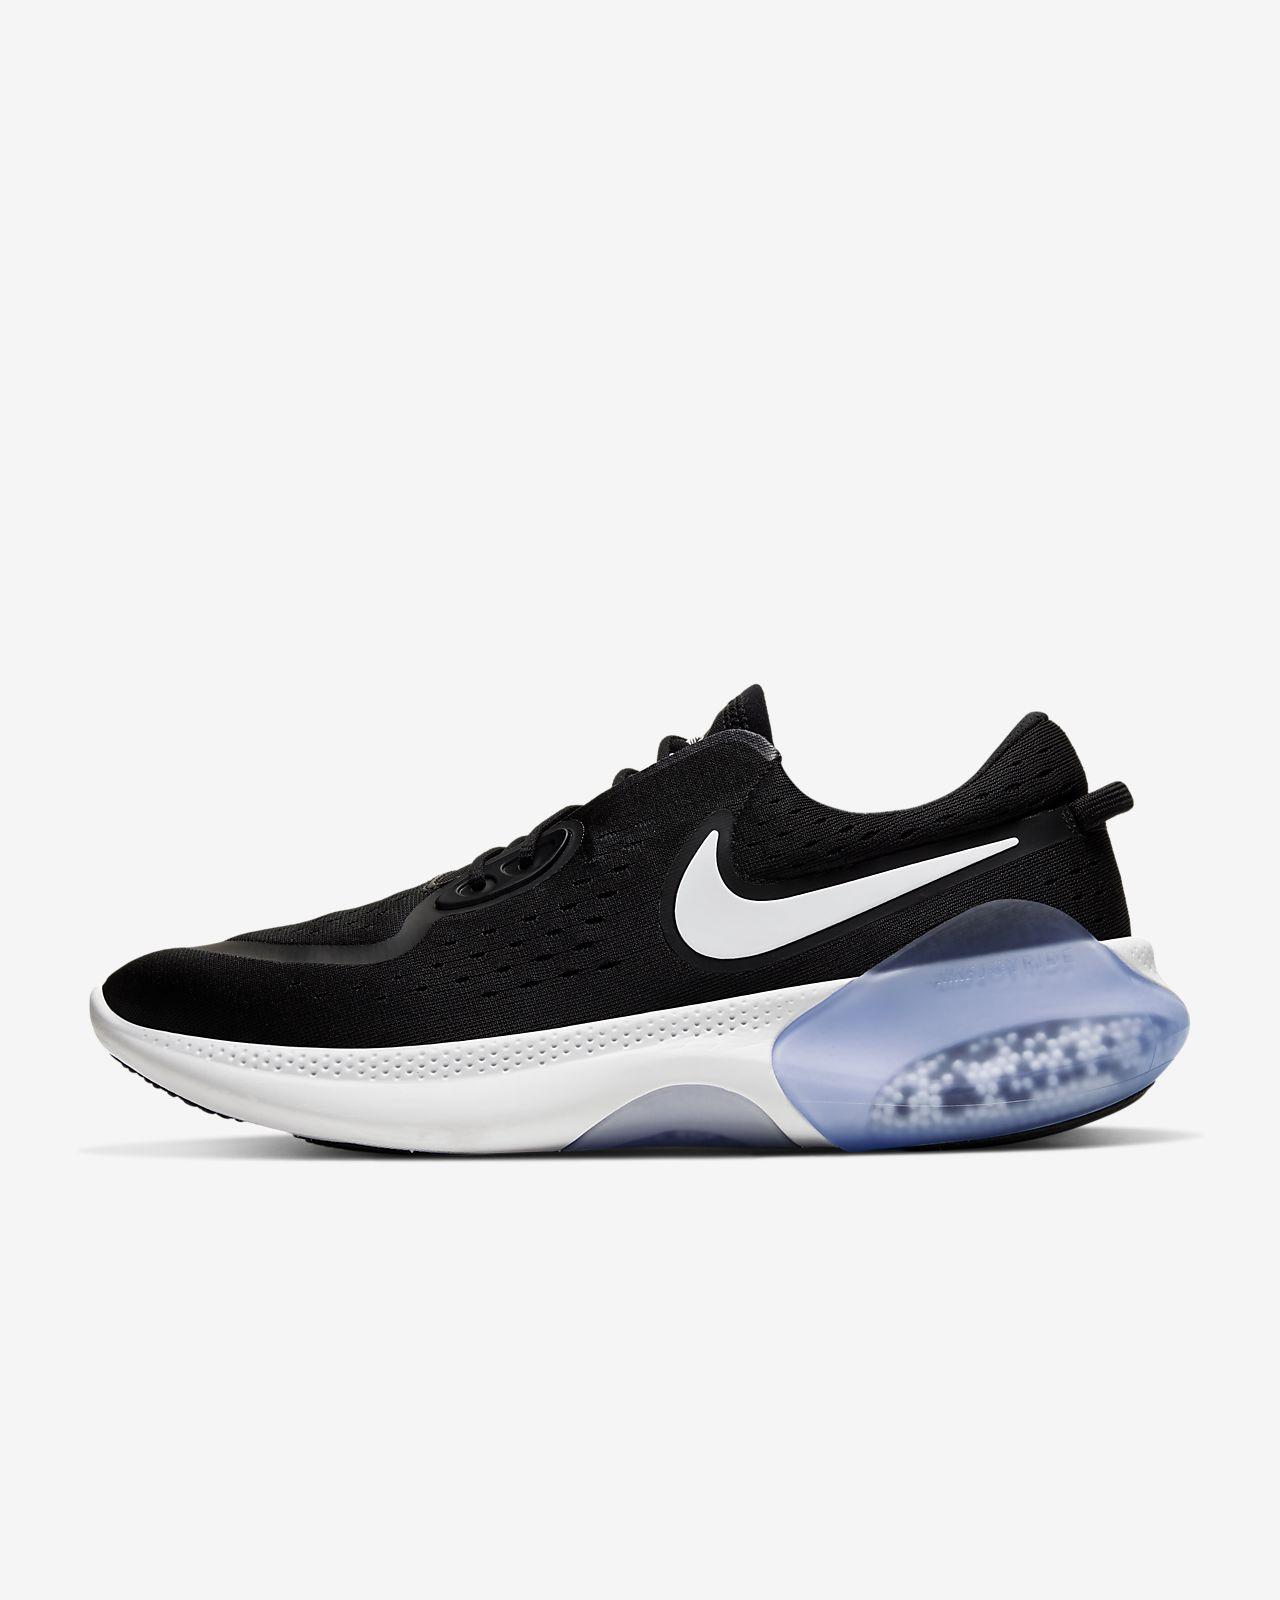 Ανδρικό παπούτσι για τρέξιμο Nike Joyride Dual Run